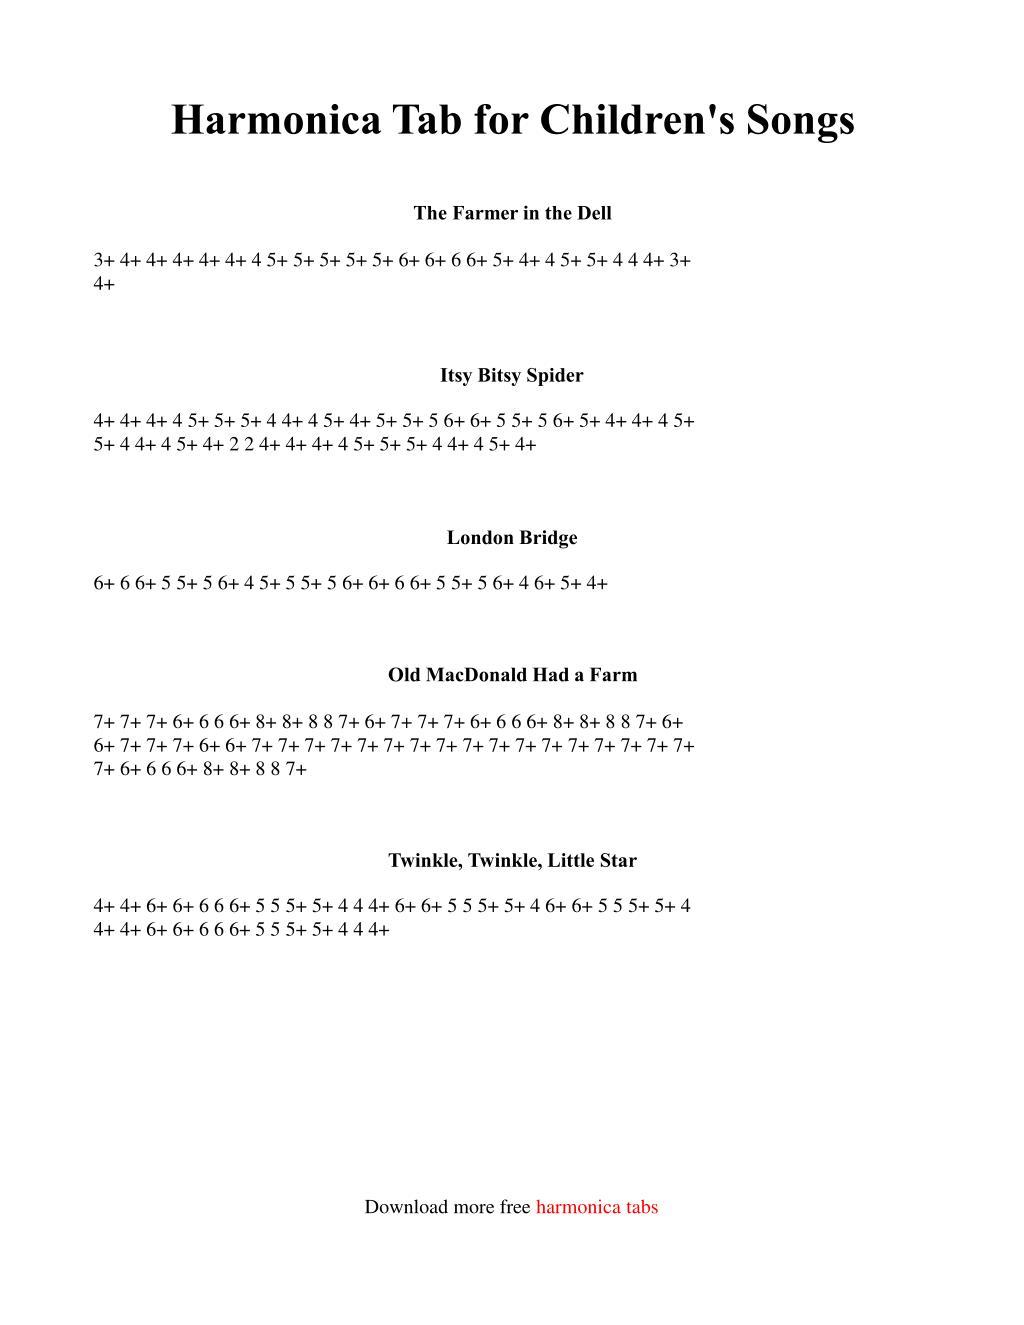 Harmonica Tab for Children's Songs